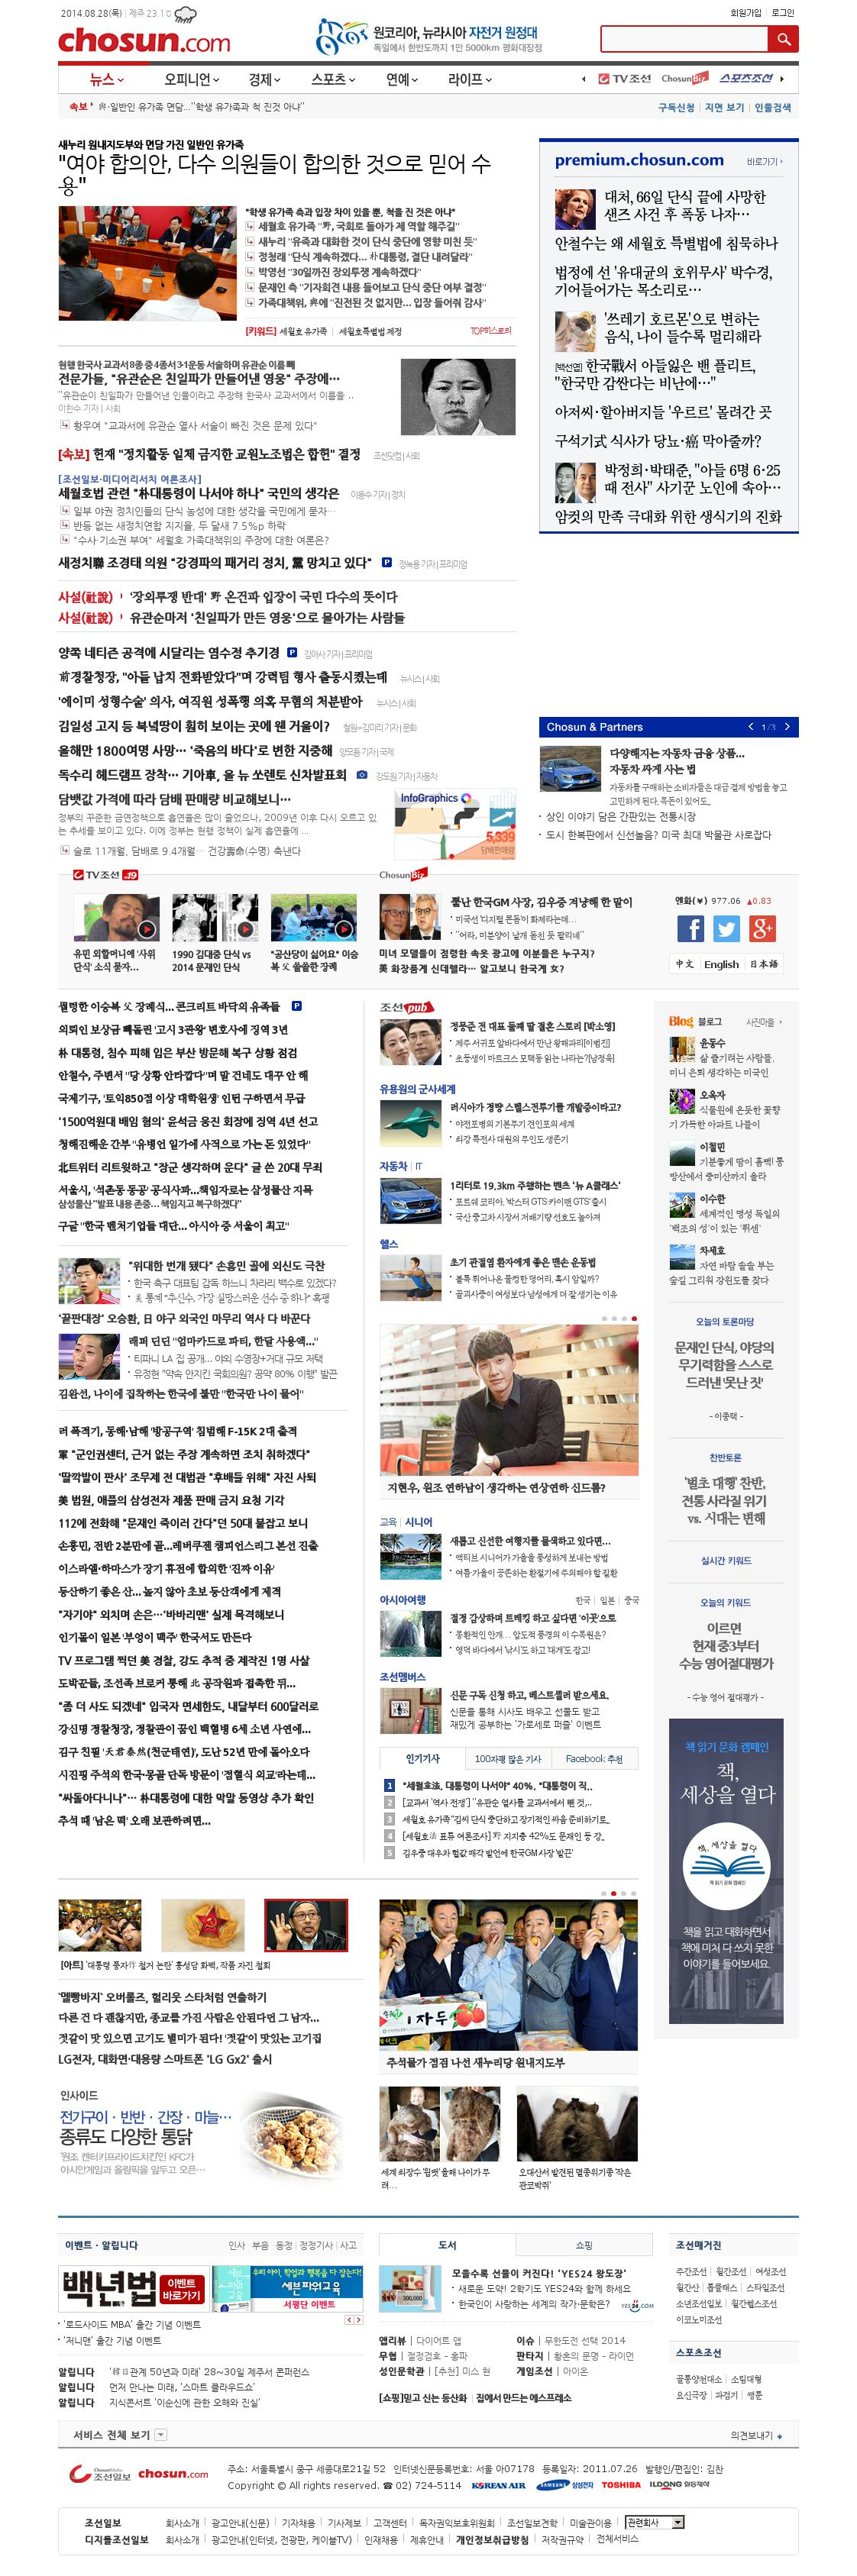 chosun.com at Thursday Aug. 28, 2014, 6:03 a.m. UTC